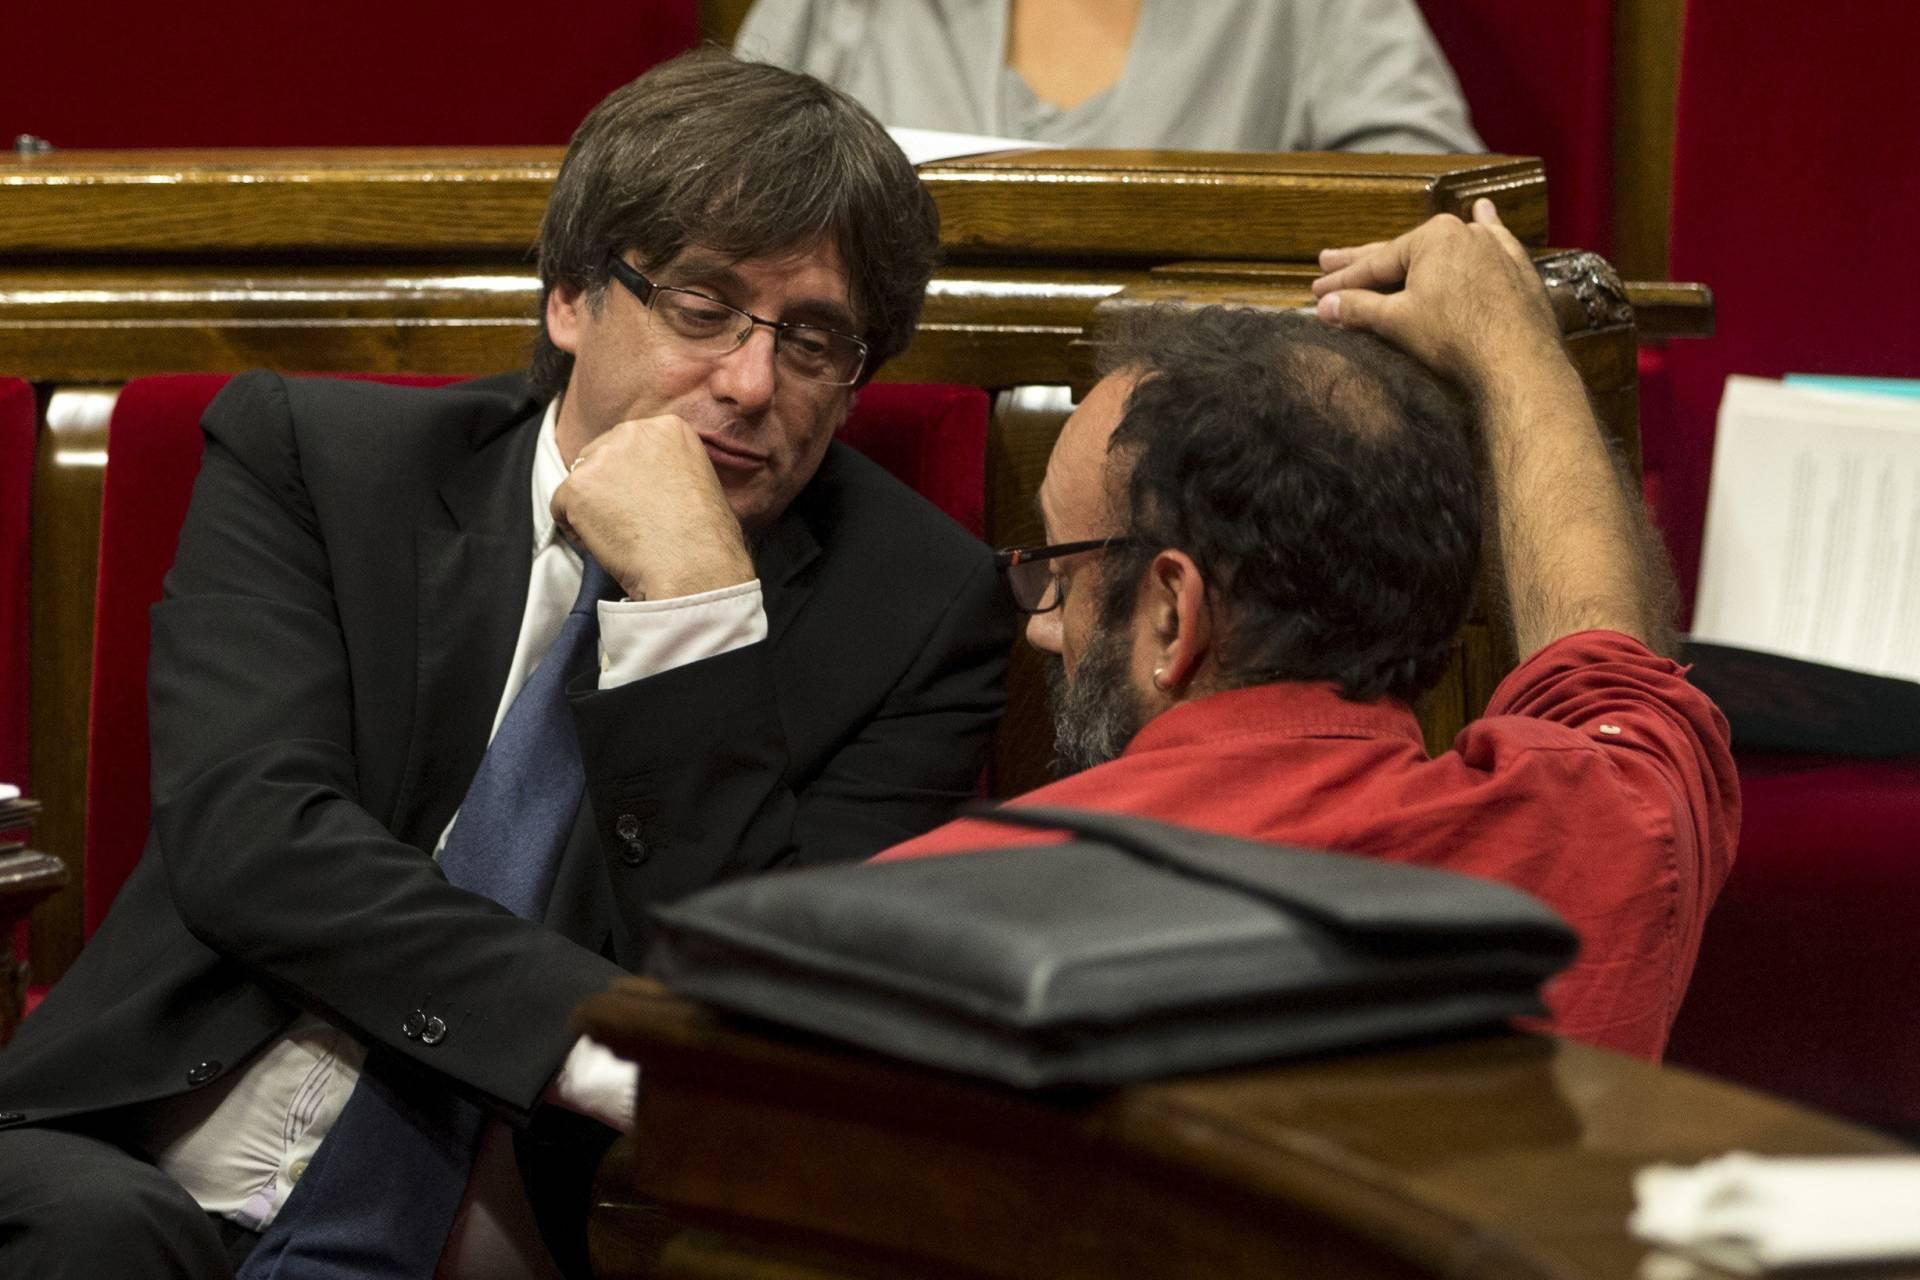 El presidente de la Generalitat, Carles Puigdemont, habla con el diputado de la CUP, Benet Salellas.